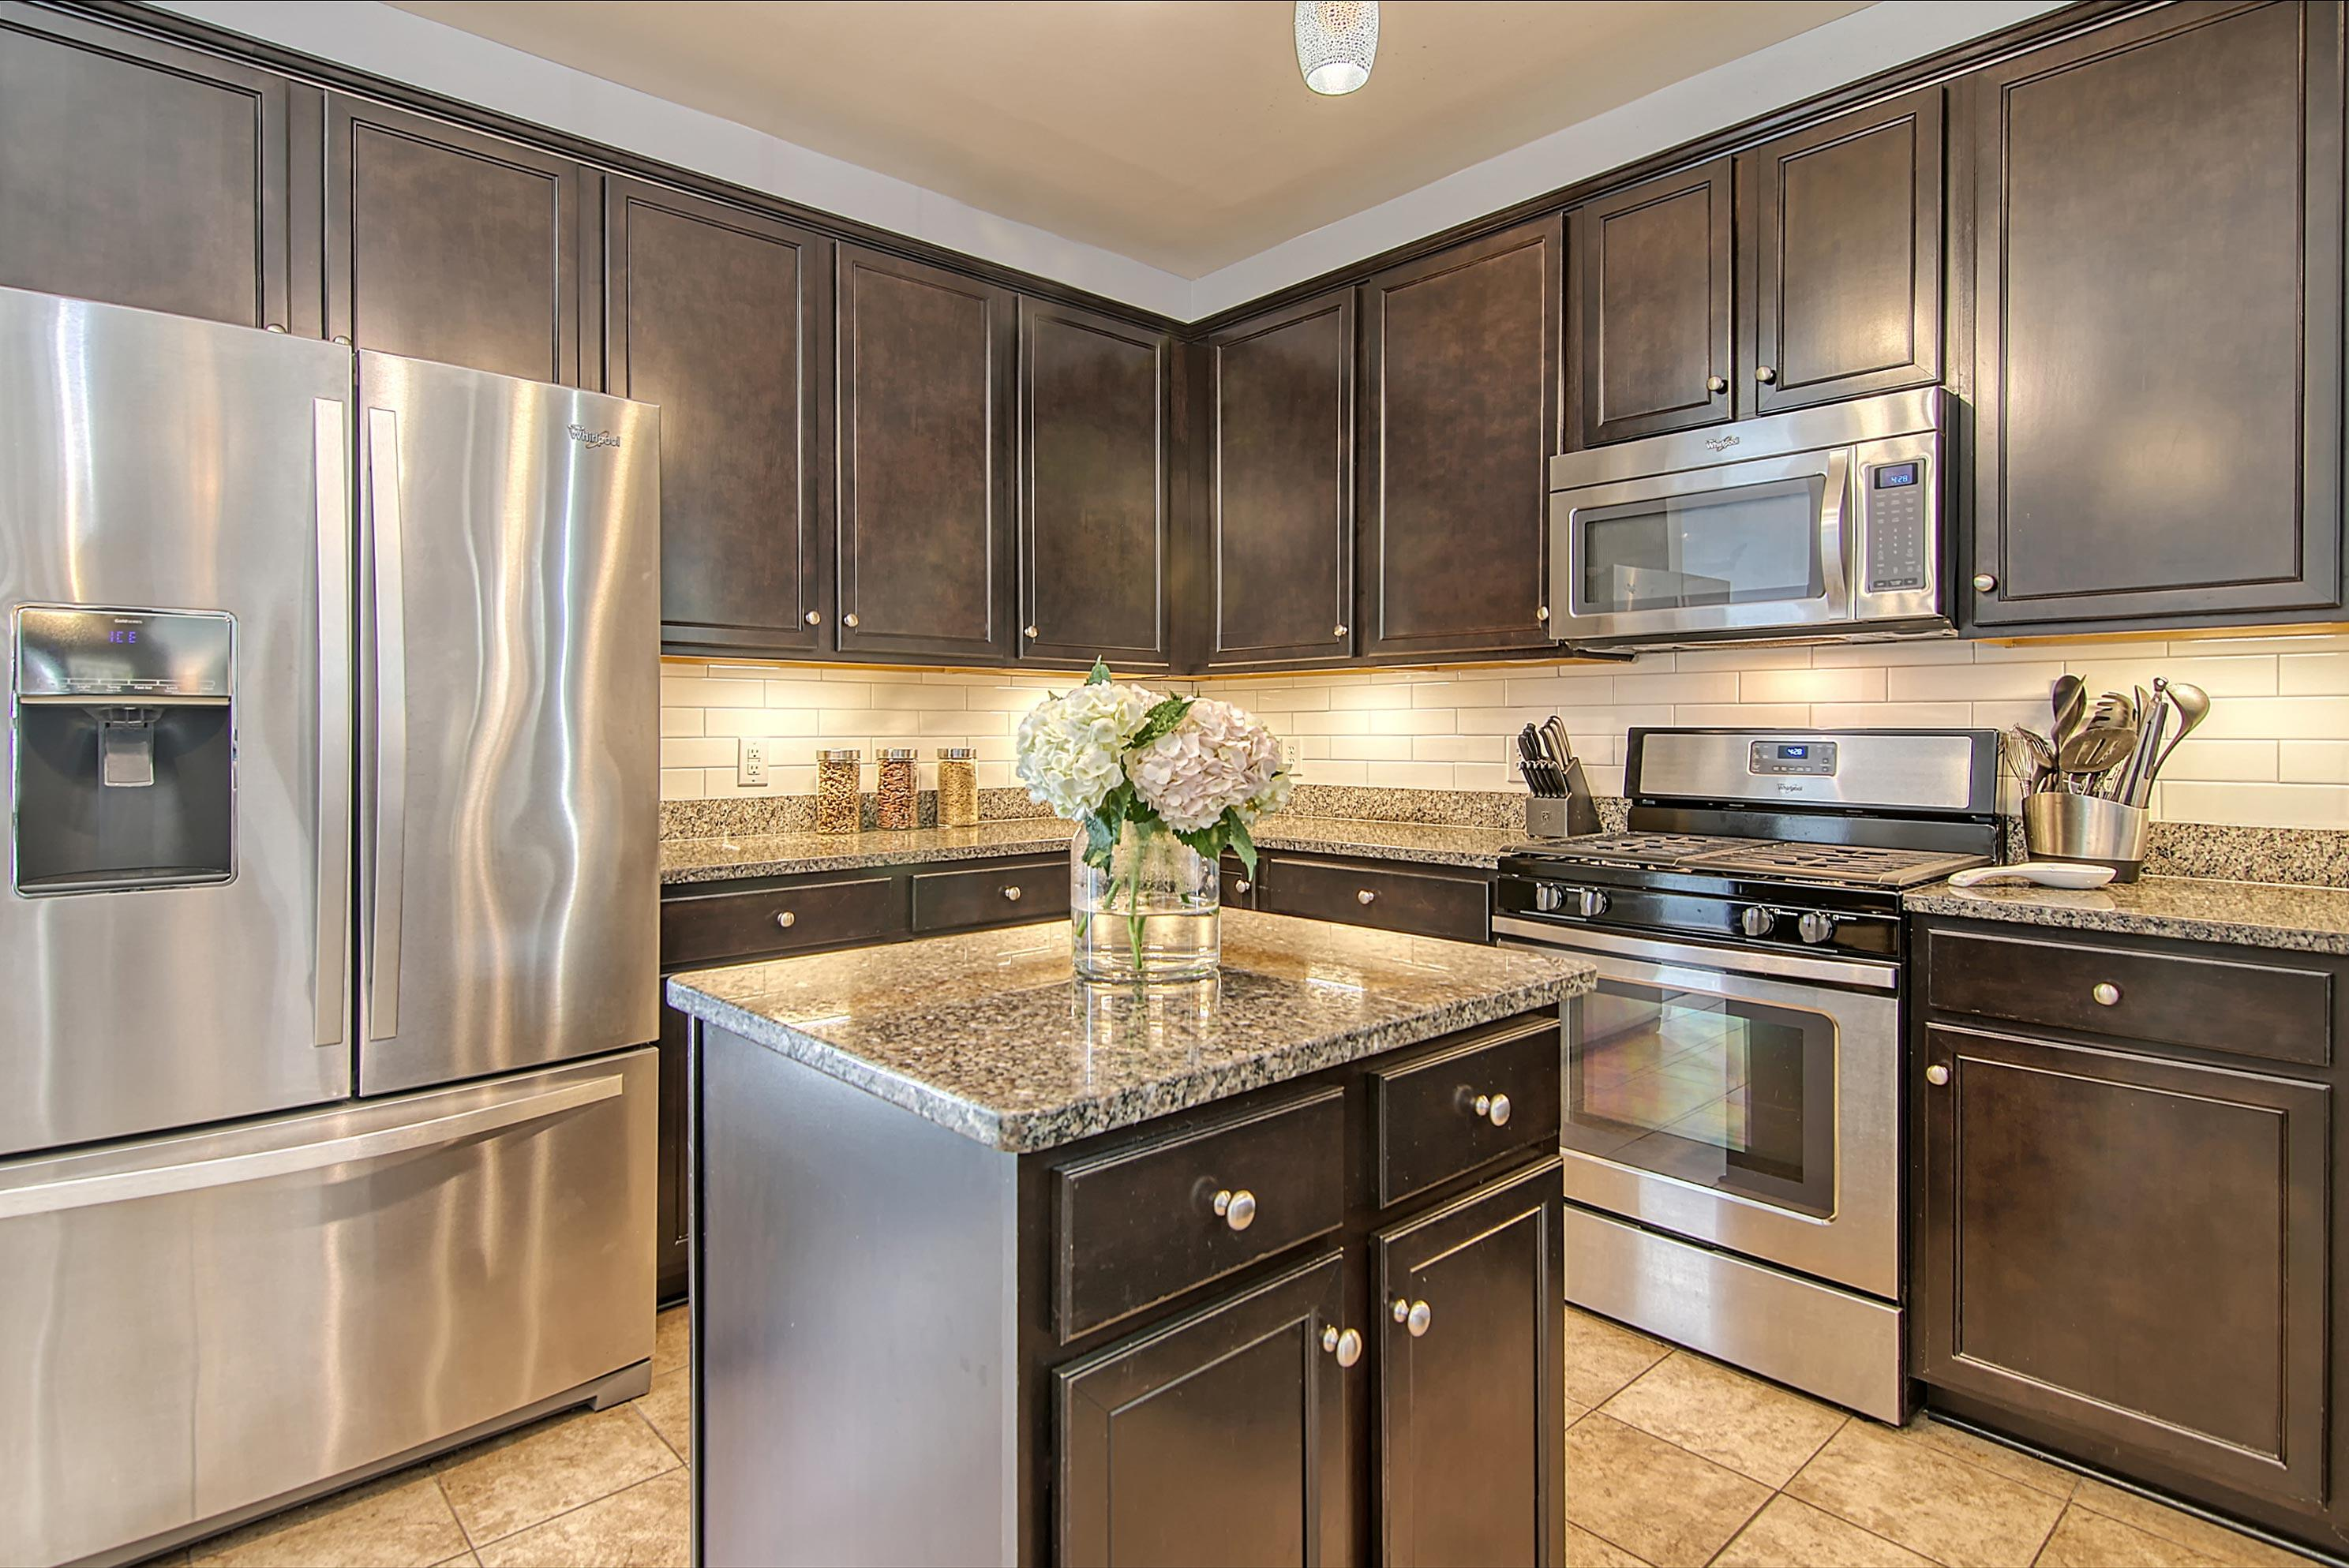 Lieben Park Homes For Sale - 3598 Franklin Tower, Mount Pleasant, SC - 12